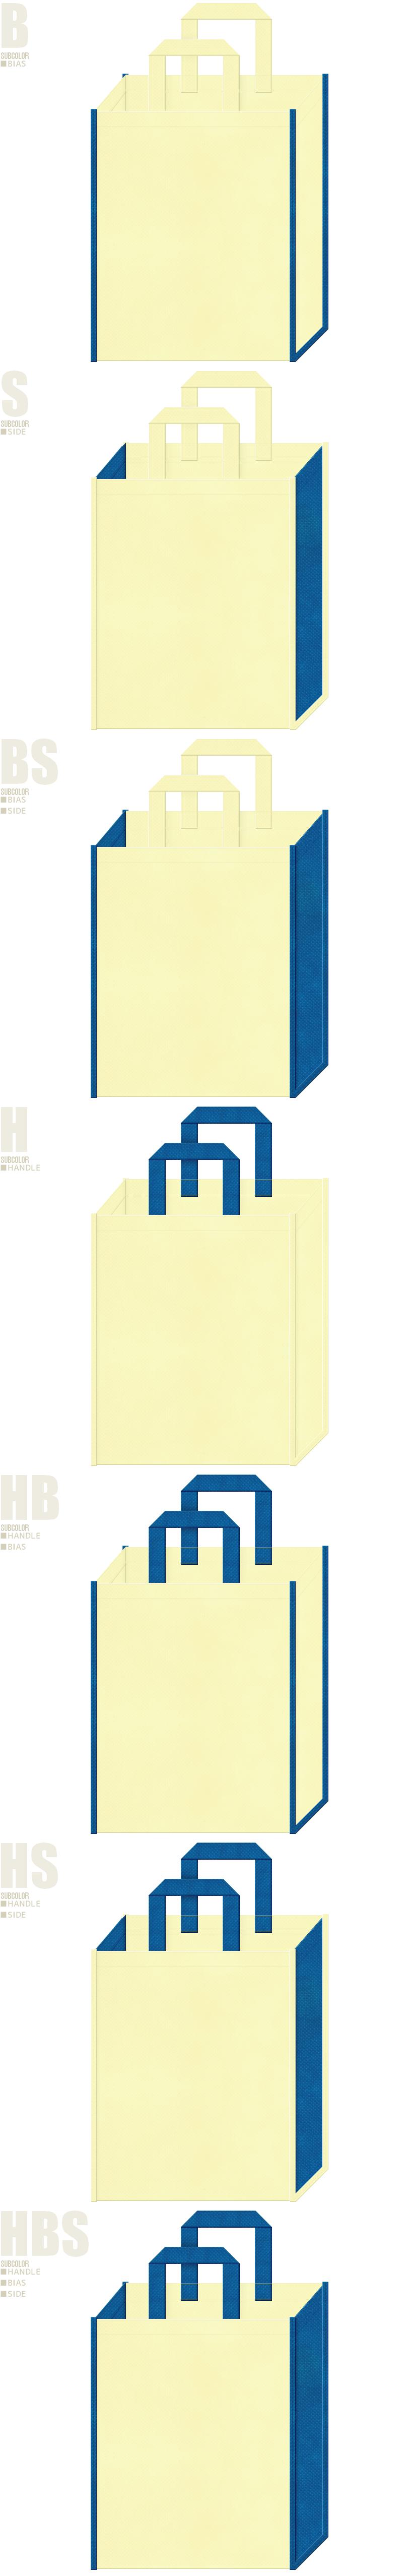 薄黄色と青色、7パターンの不織布トートバッグ配色デザイン例。LED照明器具の展示会用バッグ、LEDセミナーの資料配布用バッグにお奨めです。